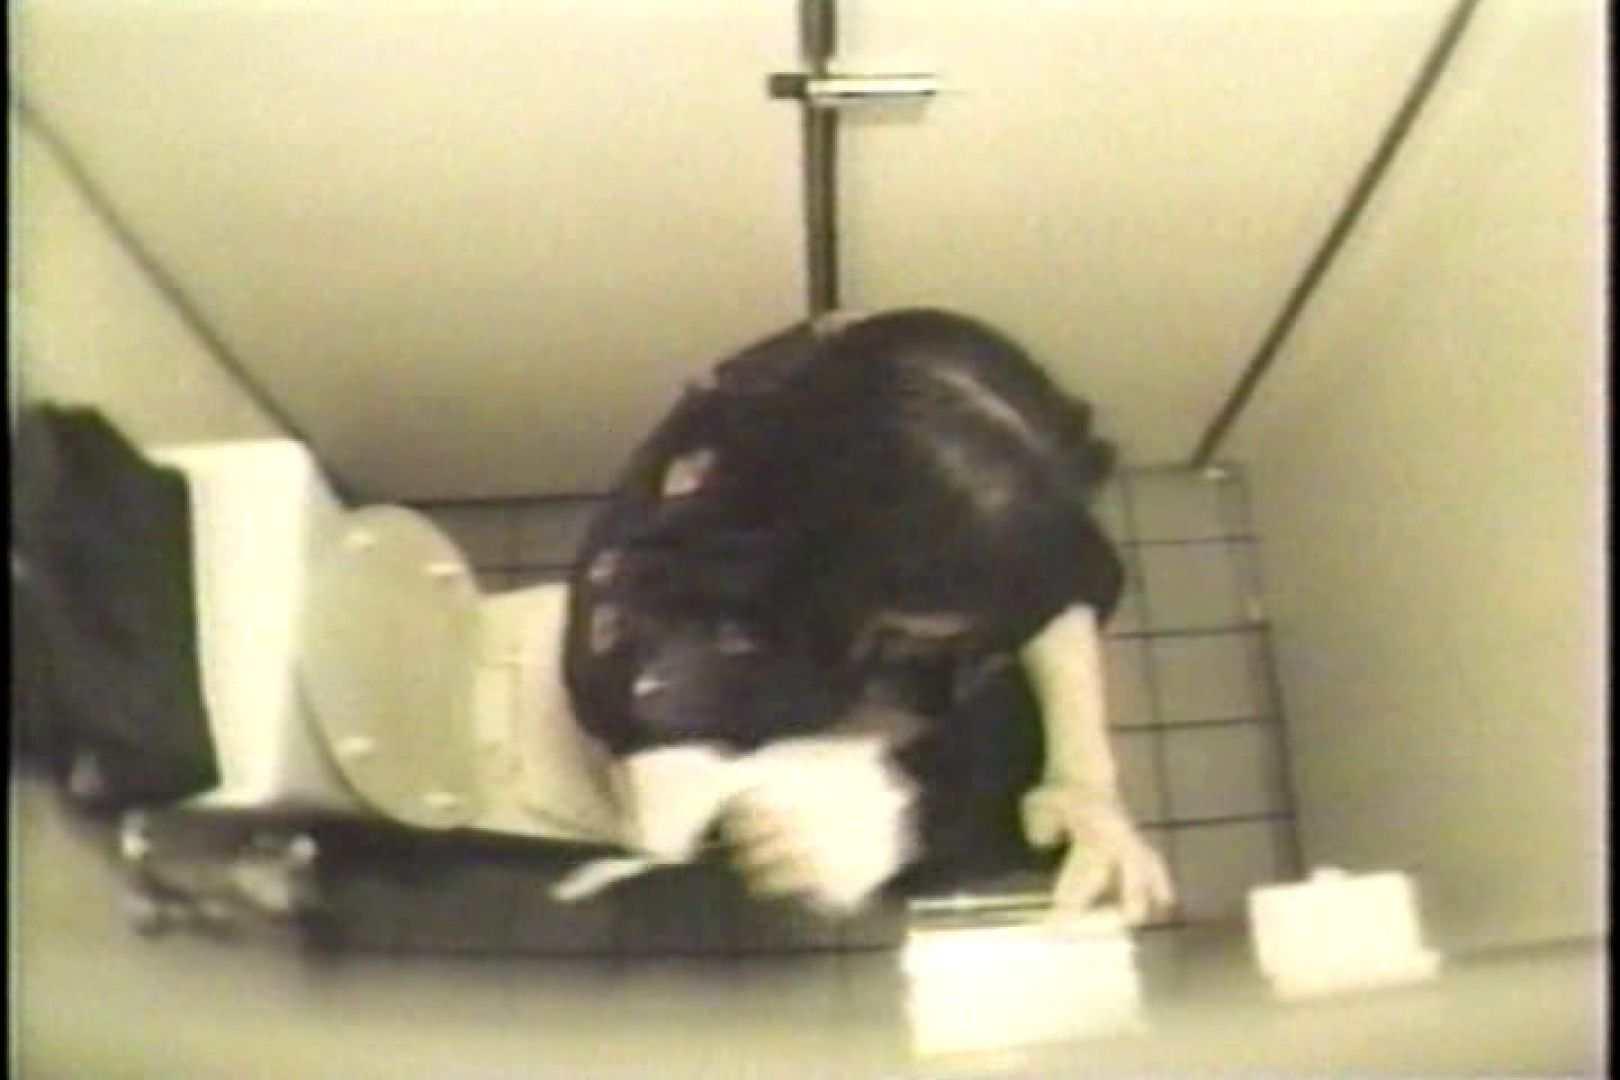 盗撮 女子洗面所3ヶ所入ってしゃがんで音出して プライベート  109連発 88